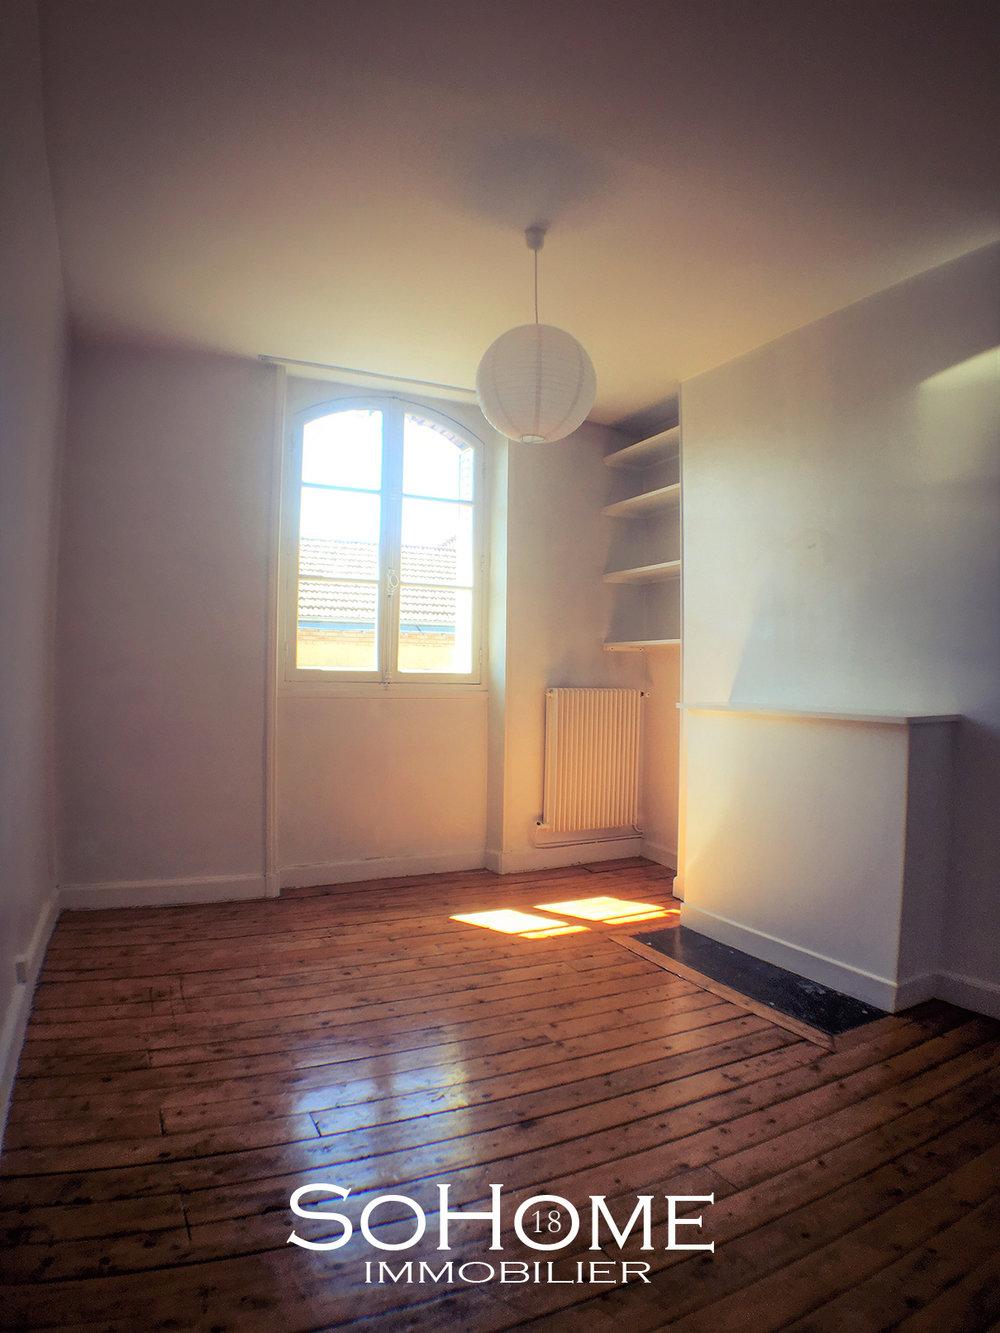 SoHomeImmobilier-ARENA-appartement-6.jpg